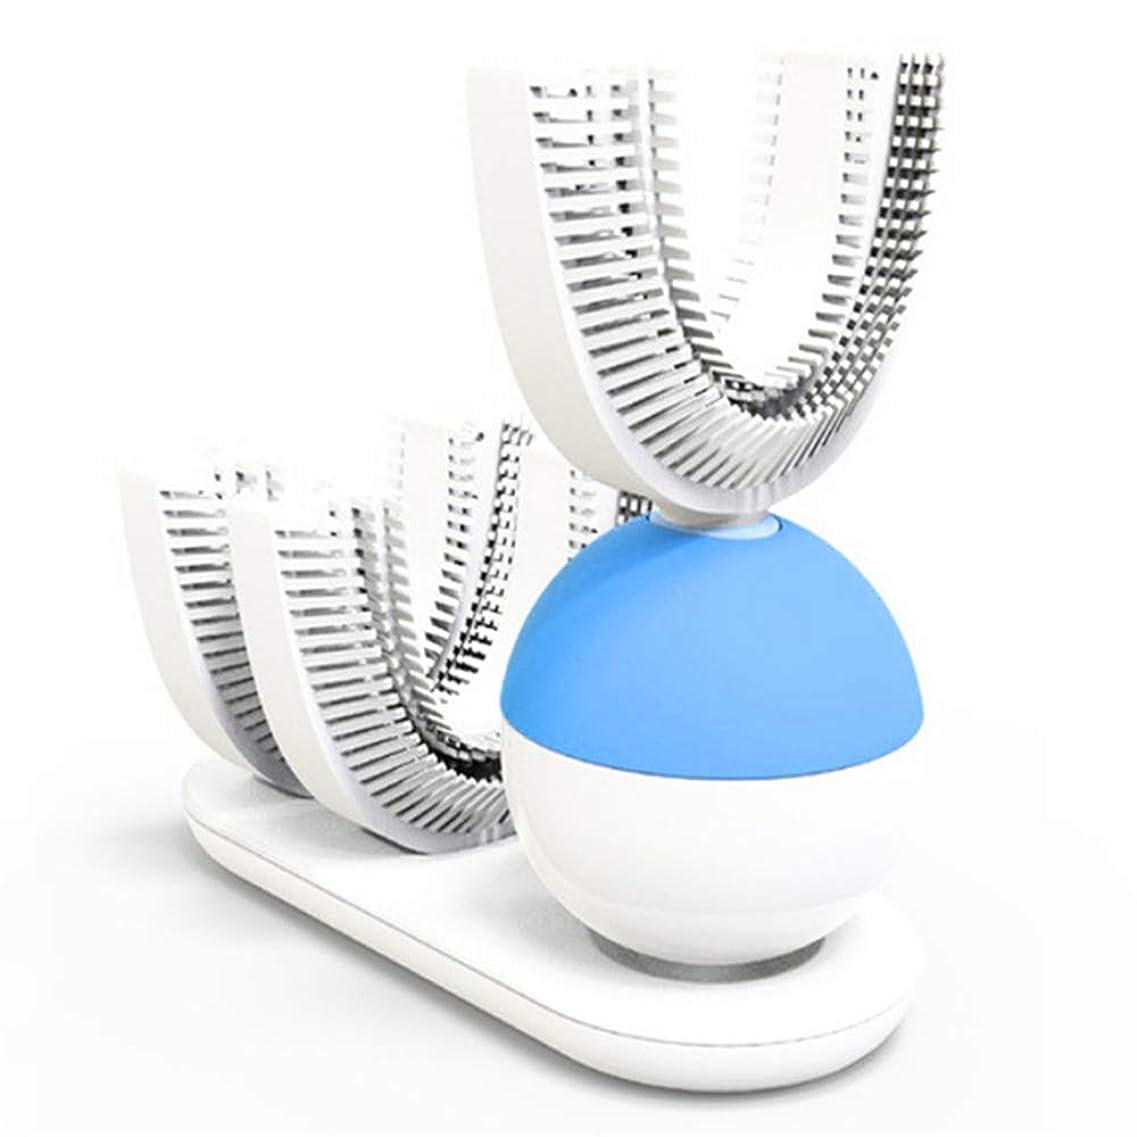 幸運なことに者素晴らしい良い多くの電動歯ブラシ 自動歯ブラシ U型 360°全方位 超音波 怠け者歯ブラシ ワイヤレス充電 歯ブラシヘッド付き